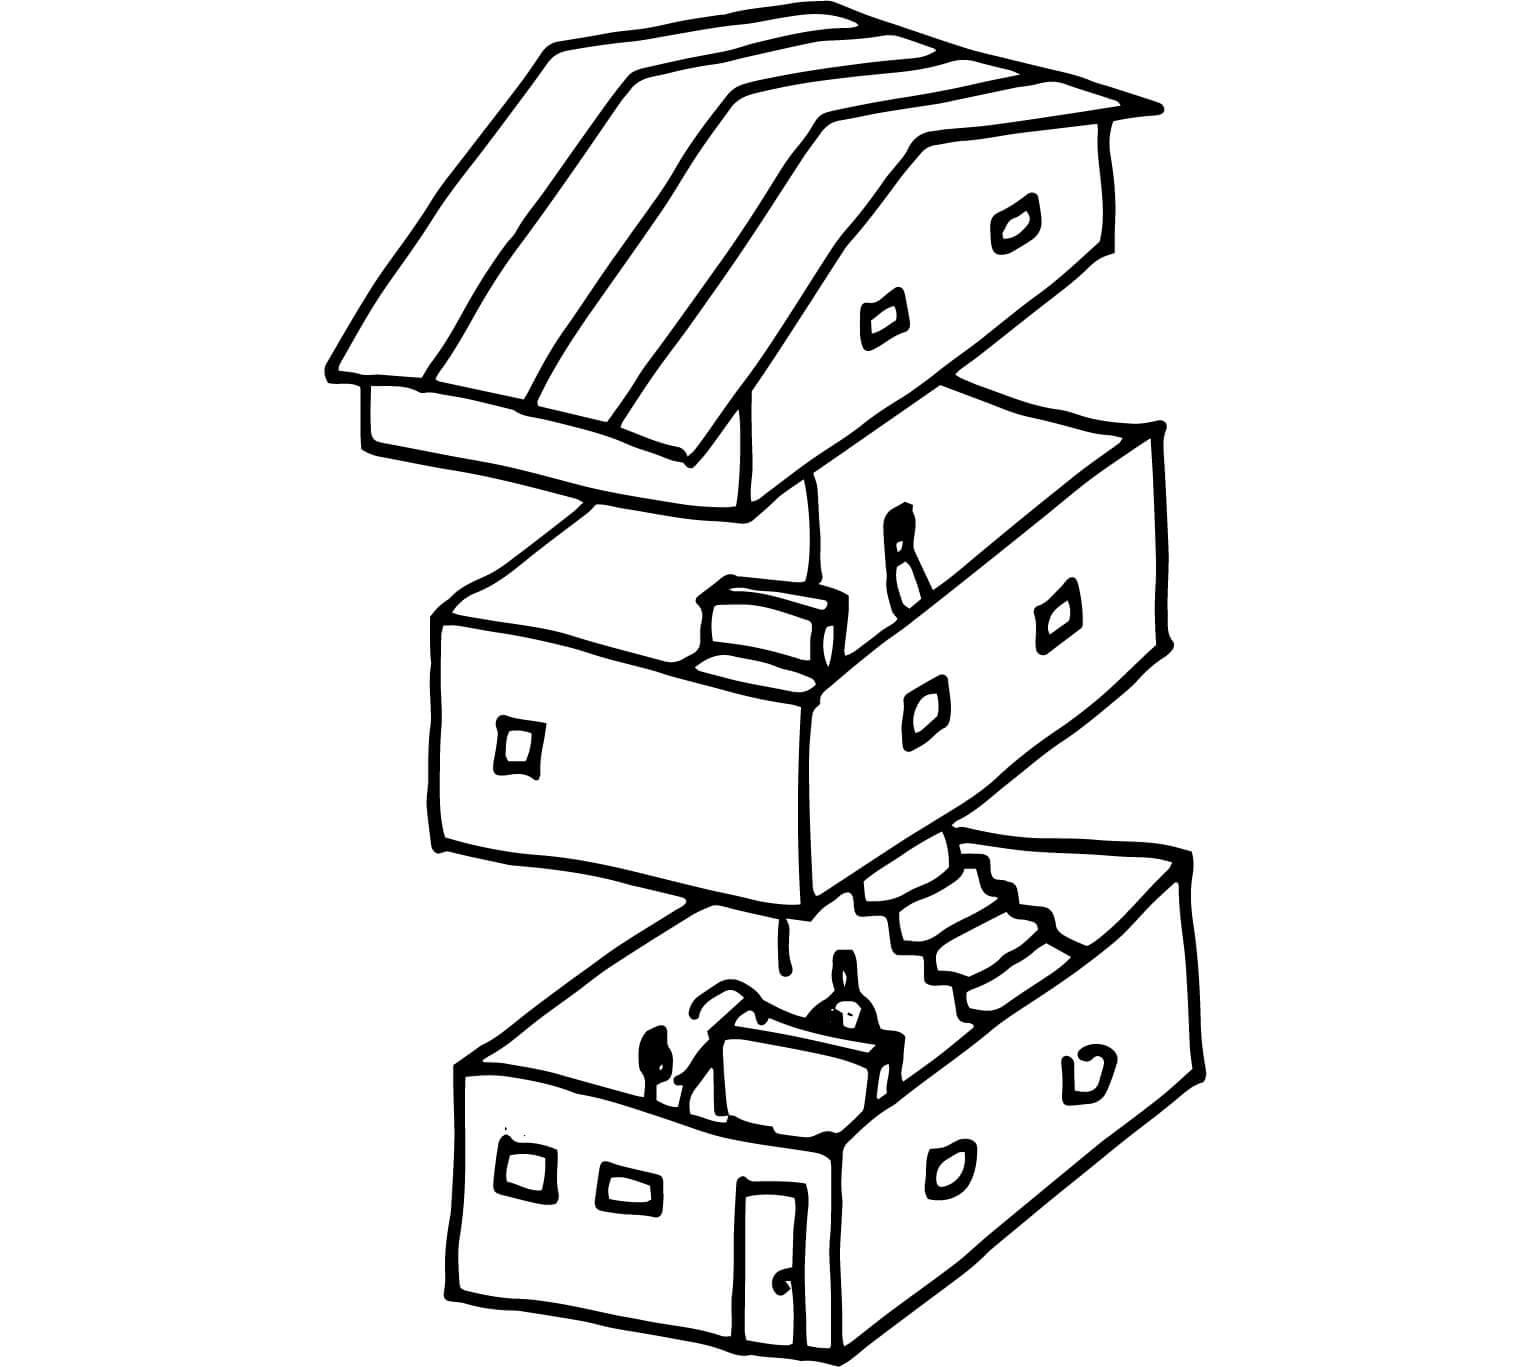 維持管理内装や設備のメンテナンスを容易に行える住宅